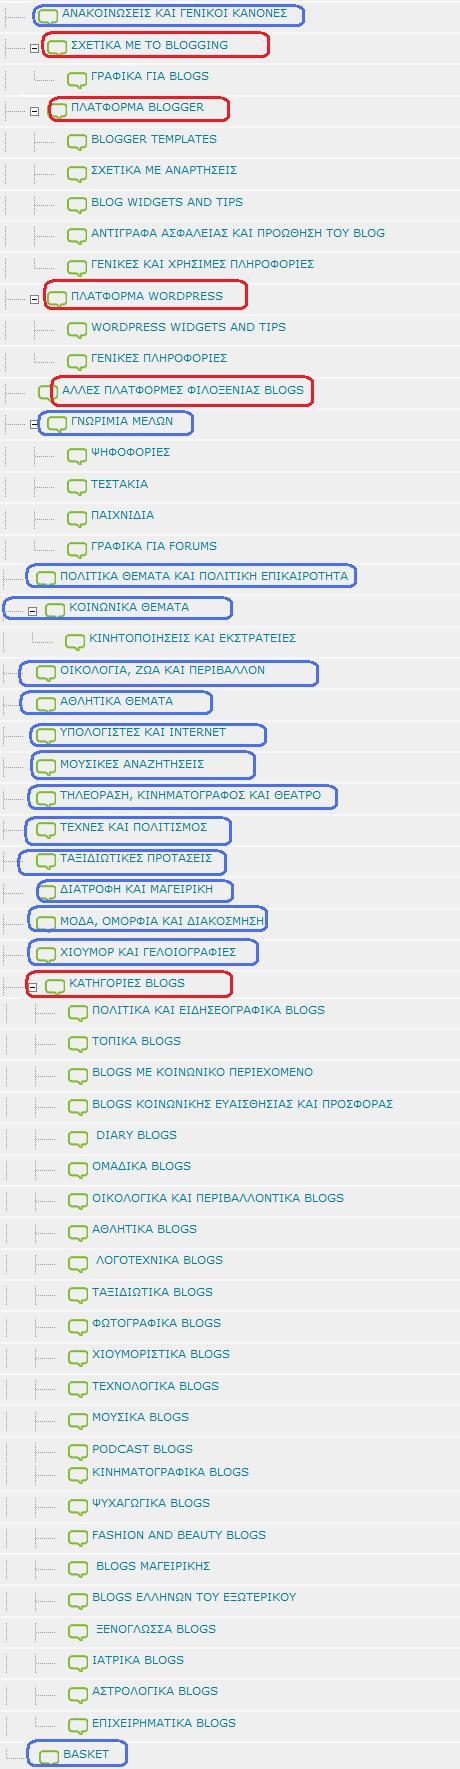 Οργανόγραμμα forum ανά ενότητες Iiiii_13